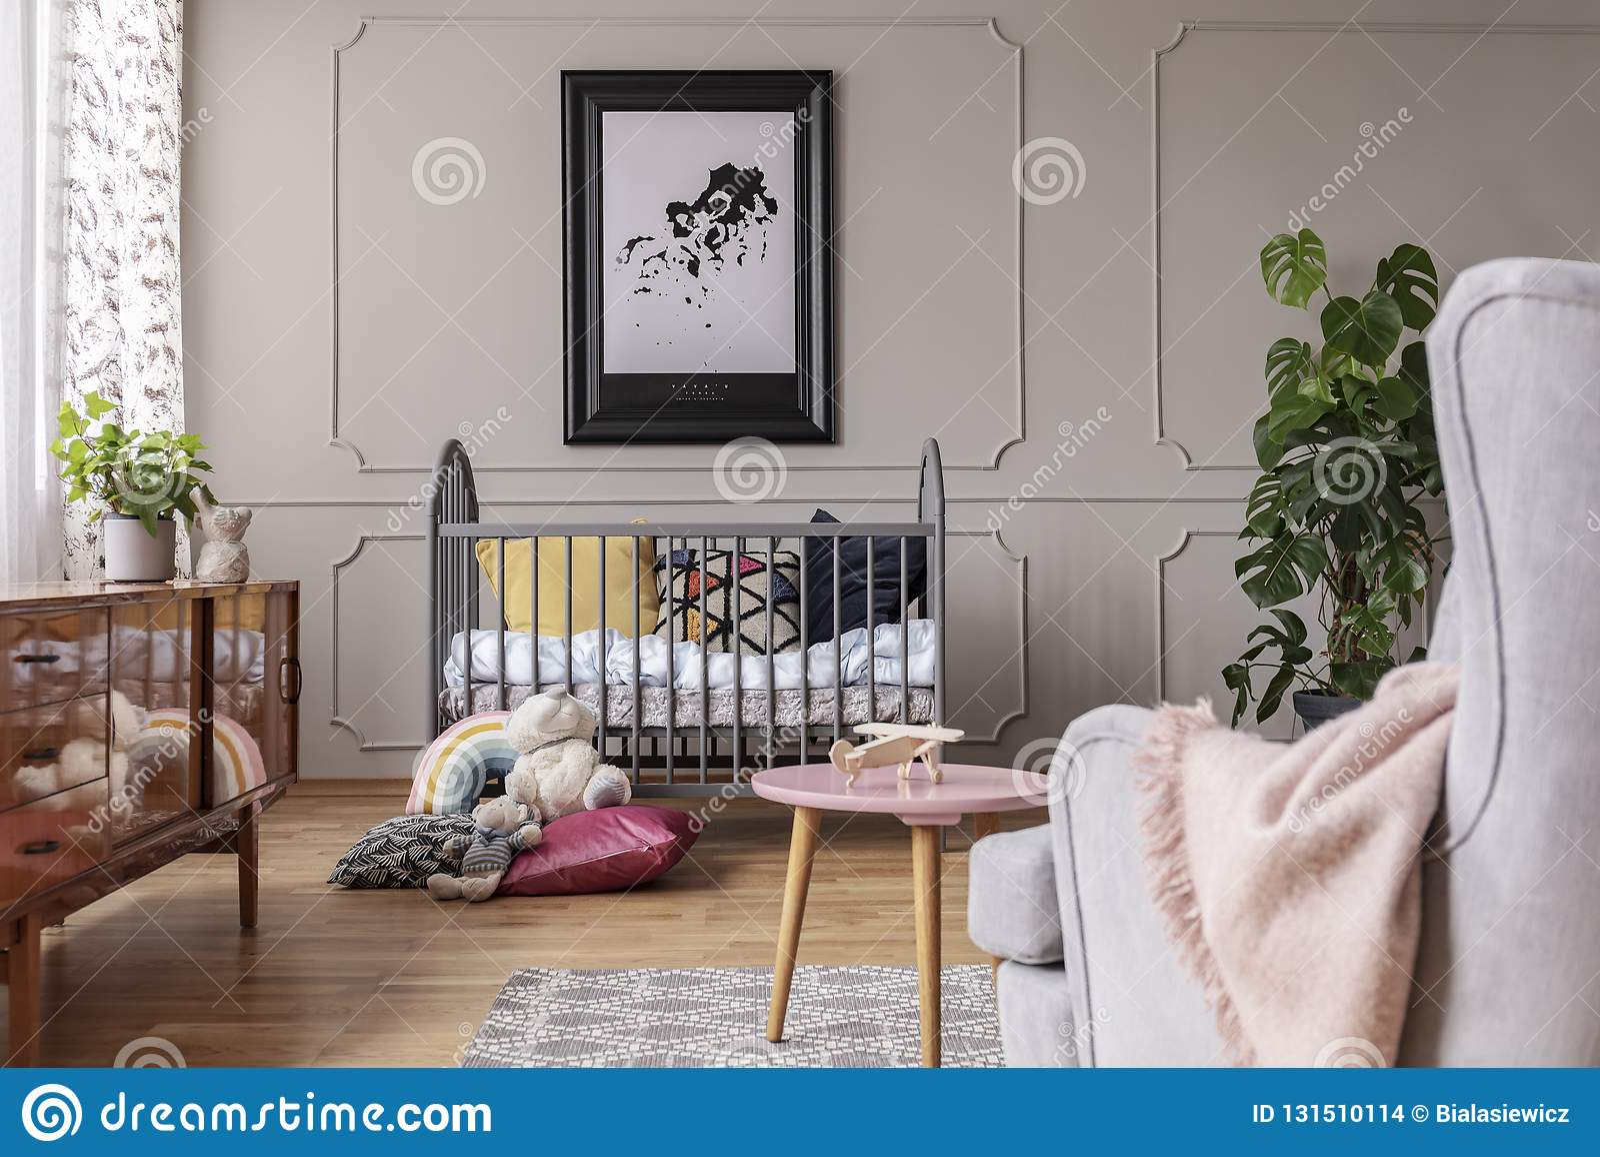 Map in black frame above grey crib